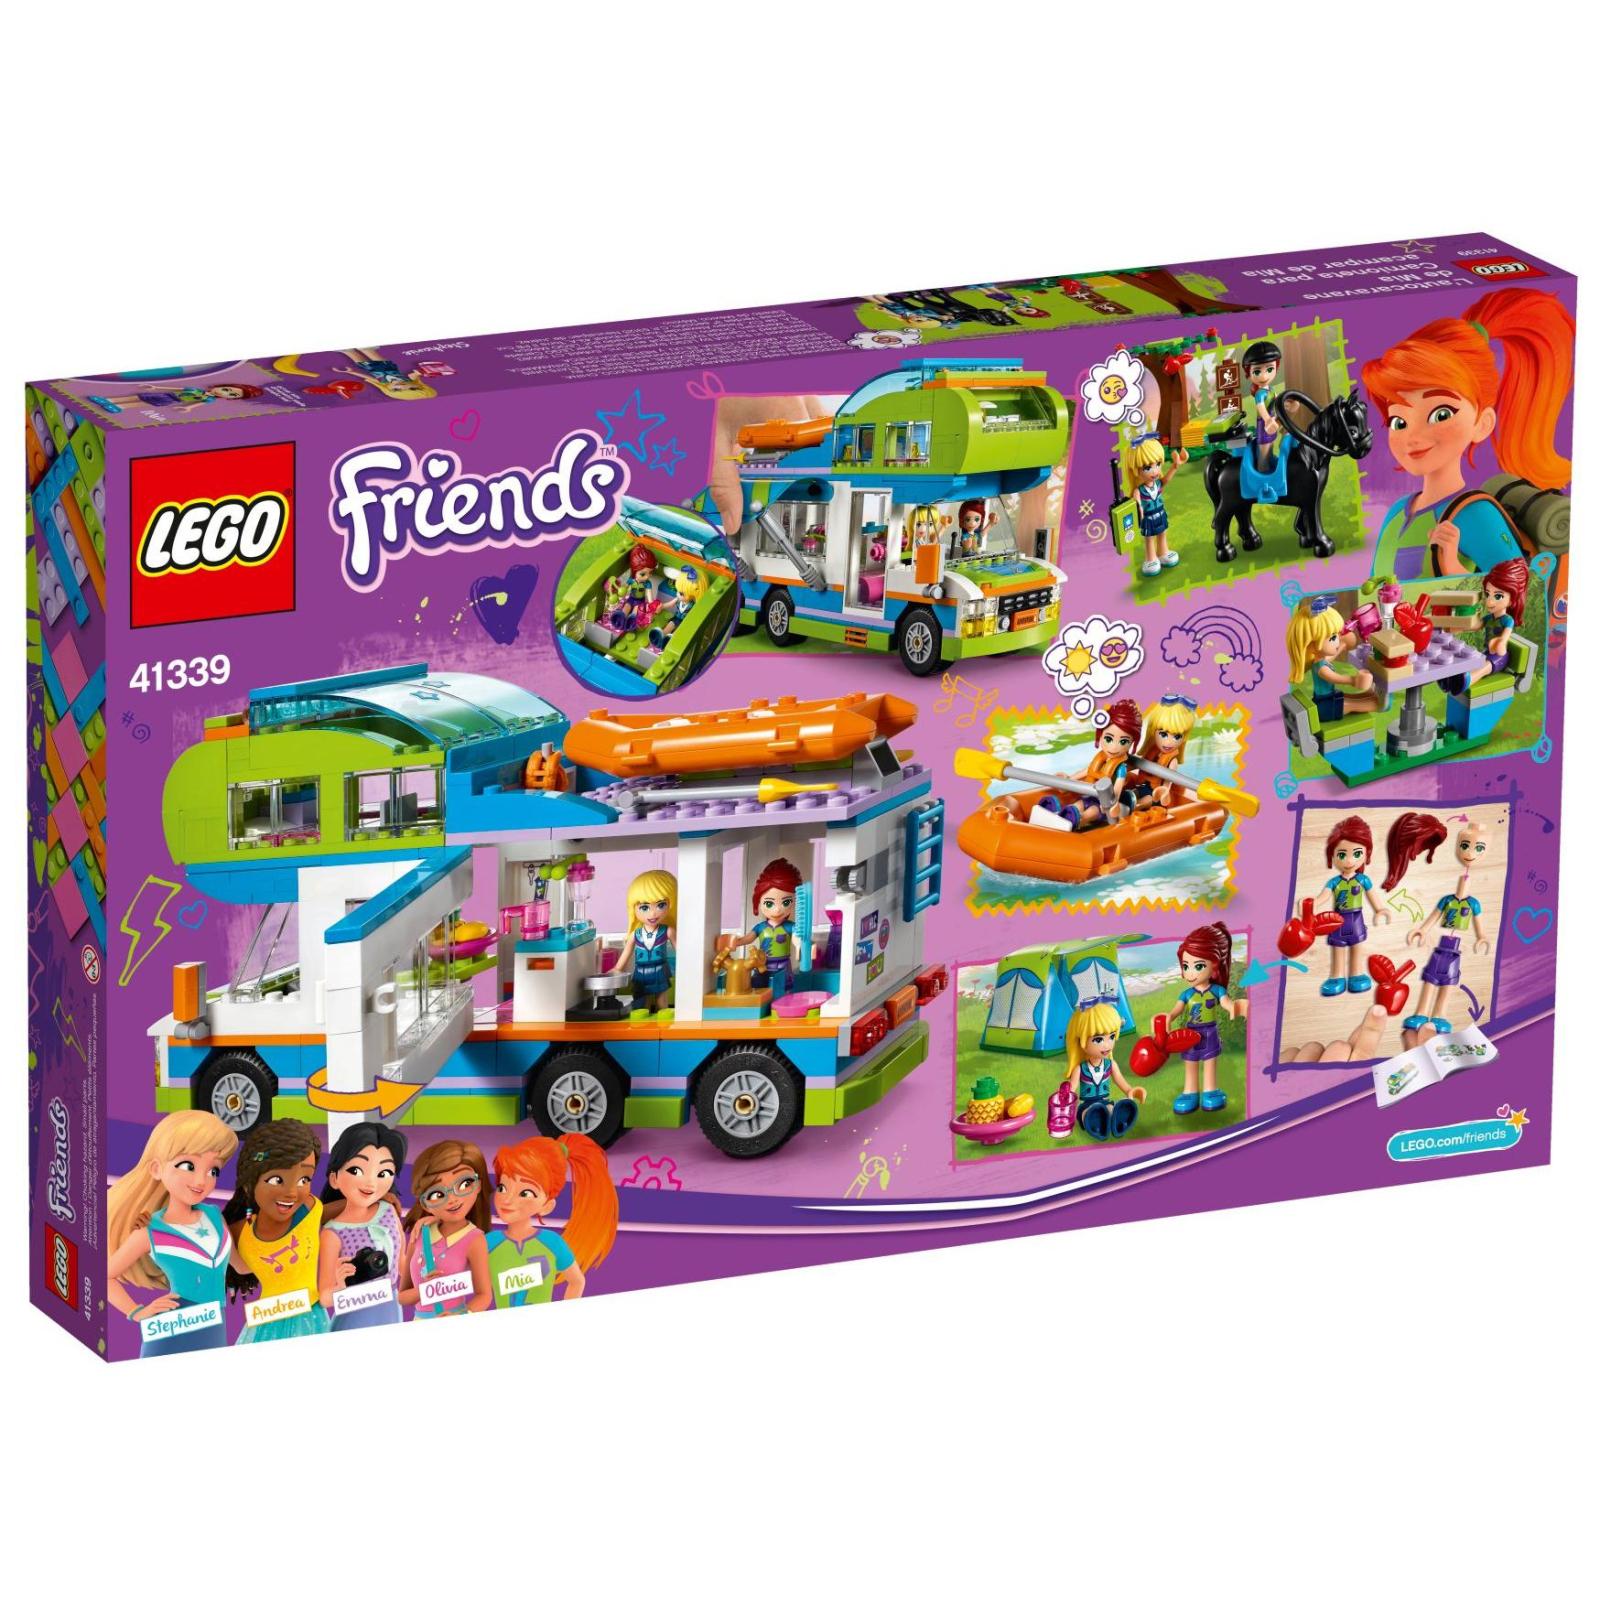 Конструктор LEGO Friends Дом на колесах Мии (41339) изображение 12